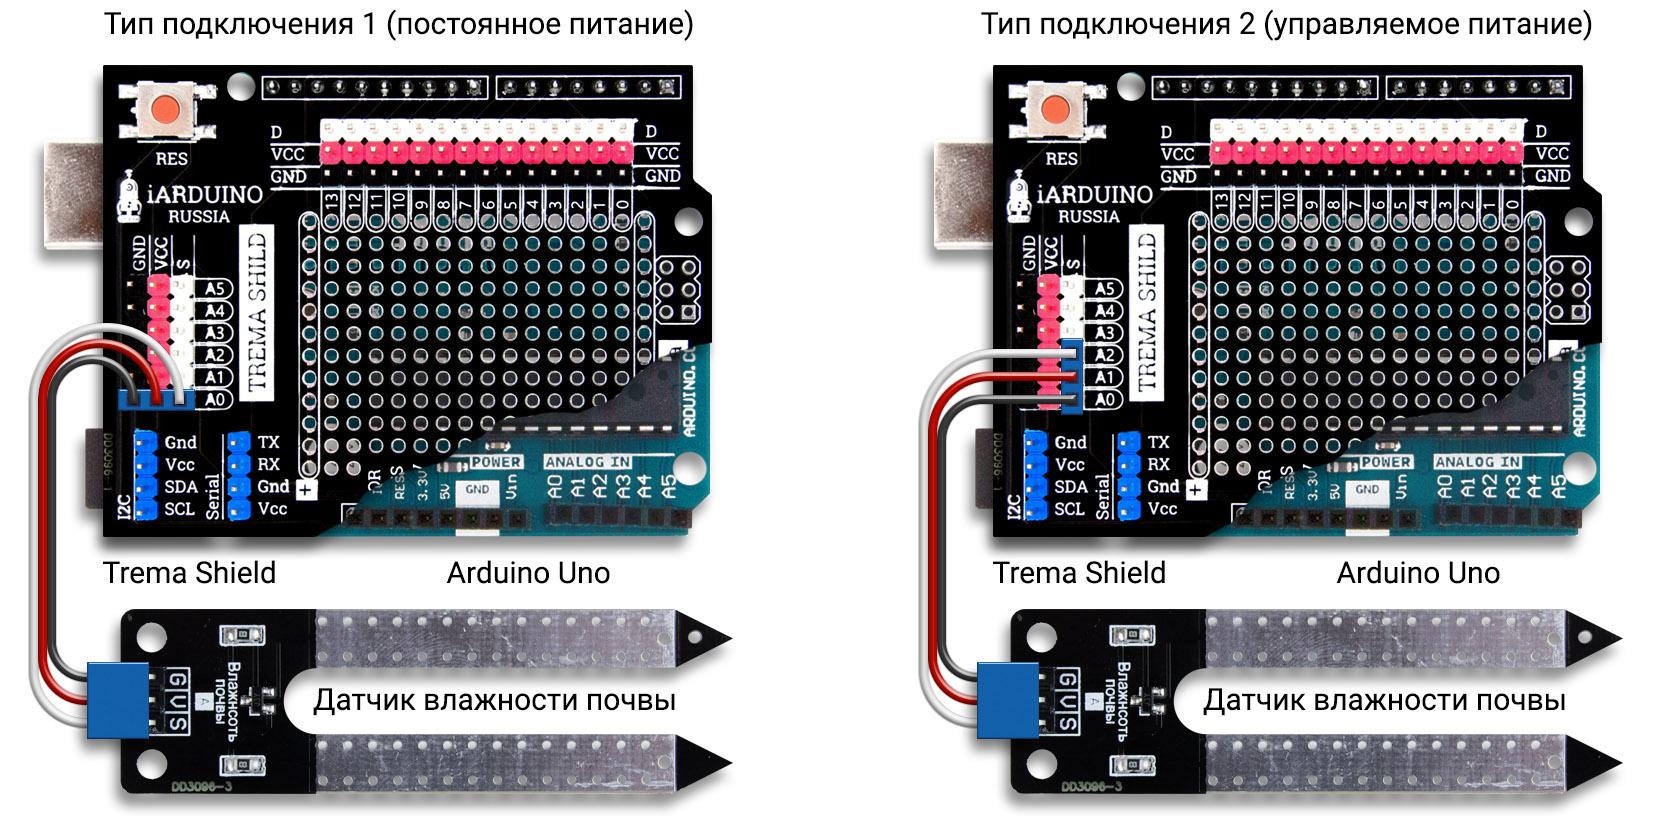 Схема подключения датчика влажности почвы к Arduino Uno